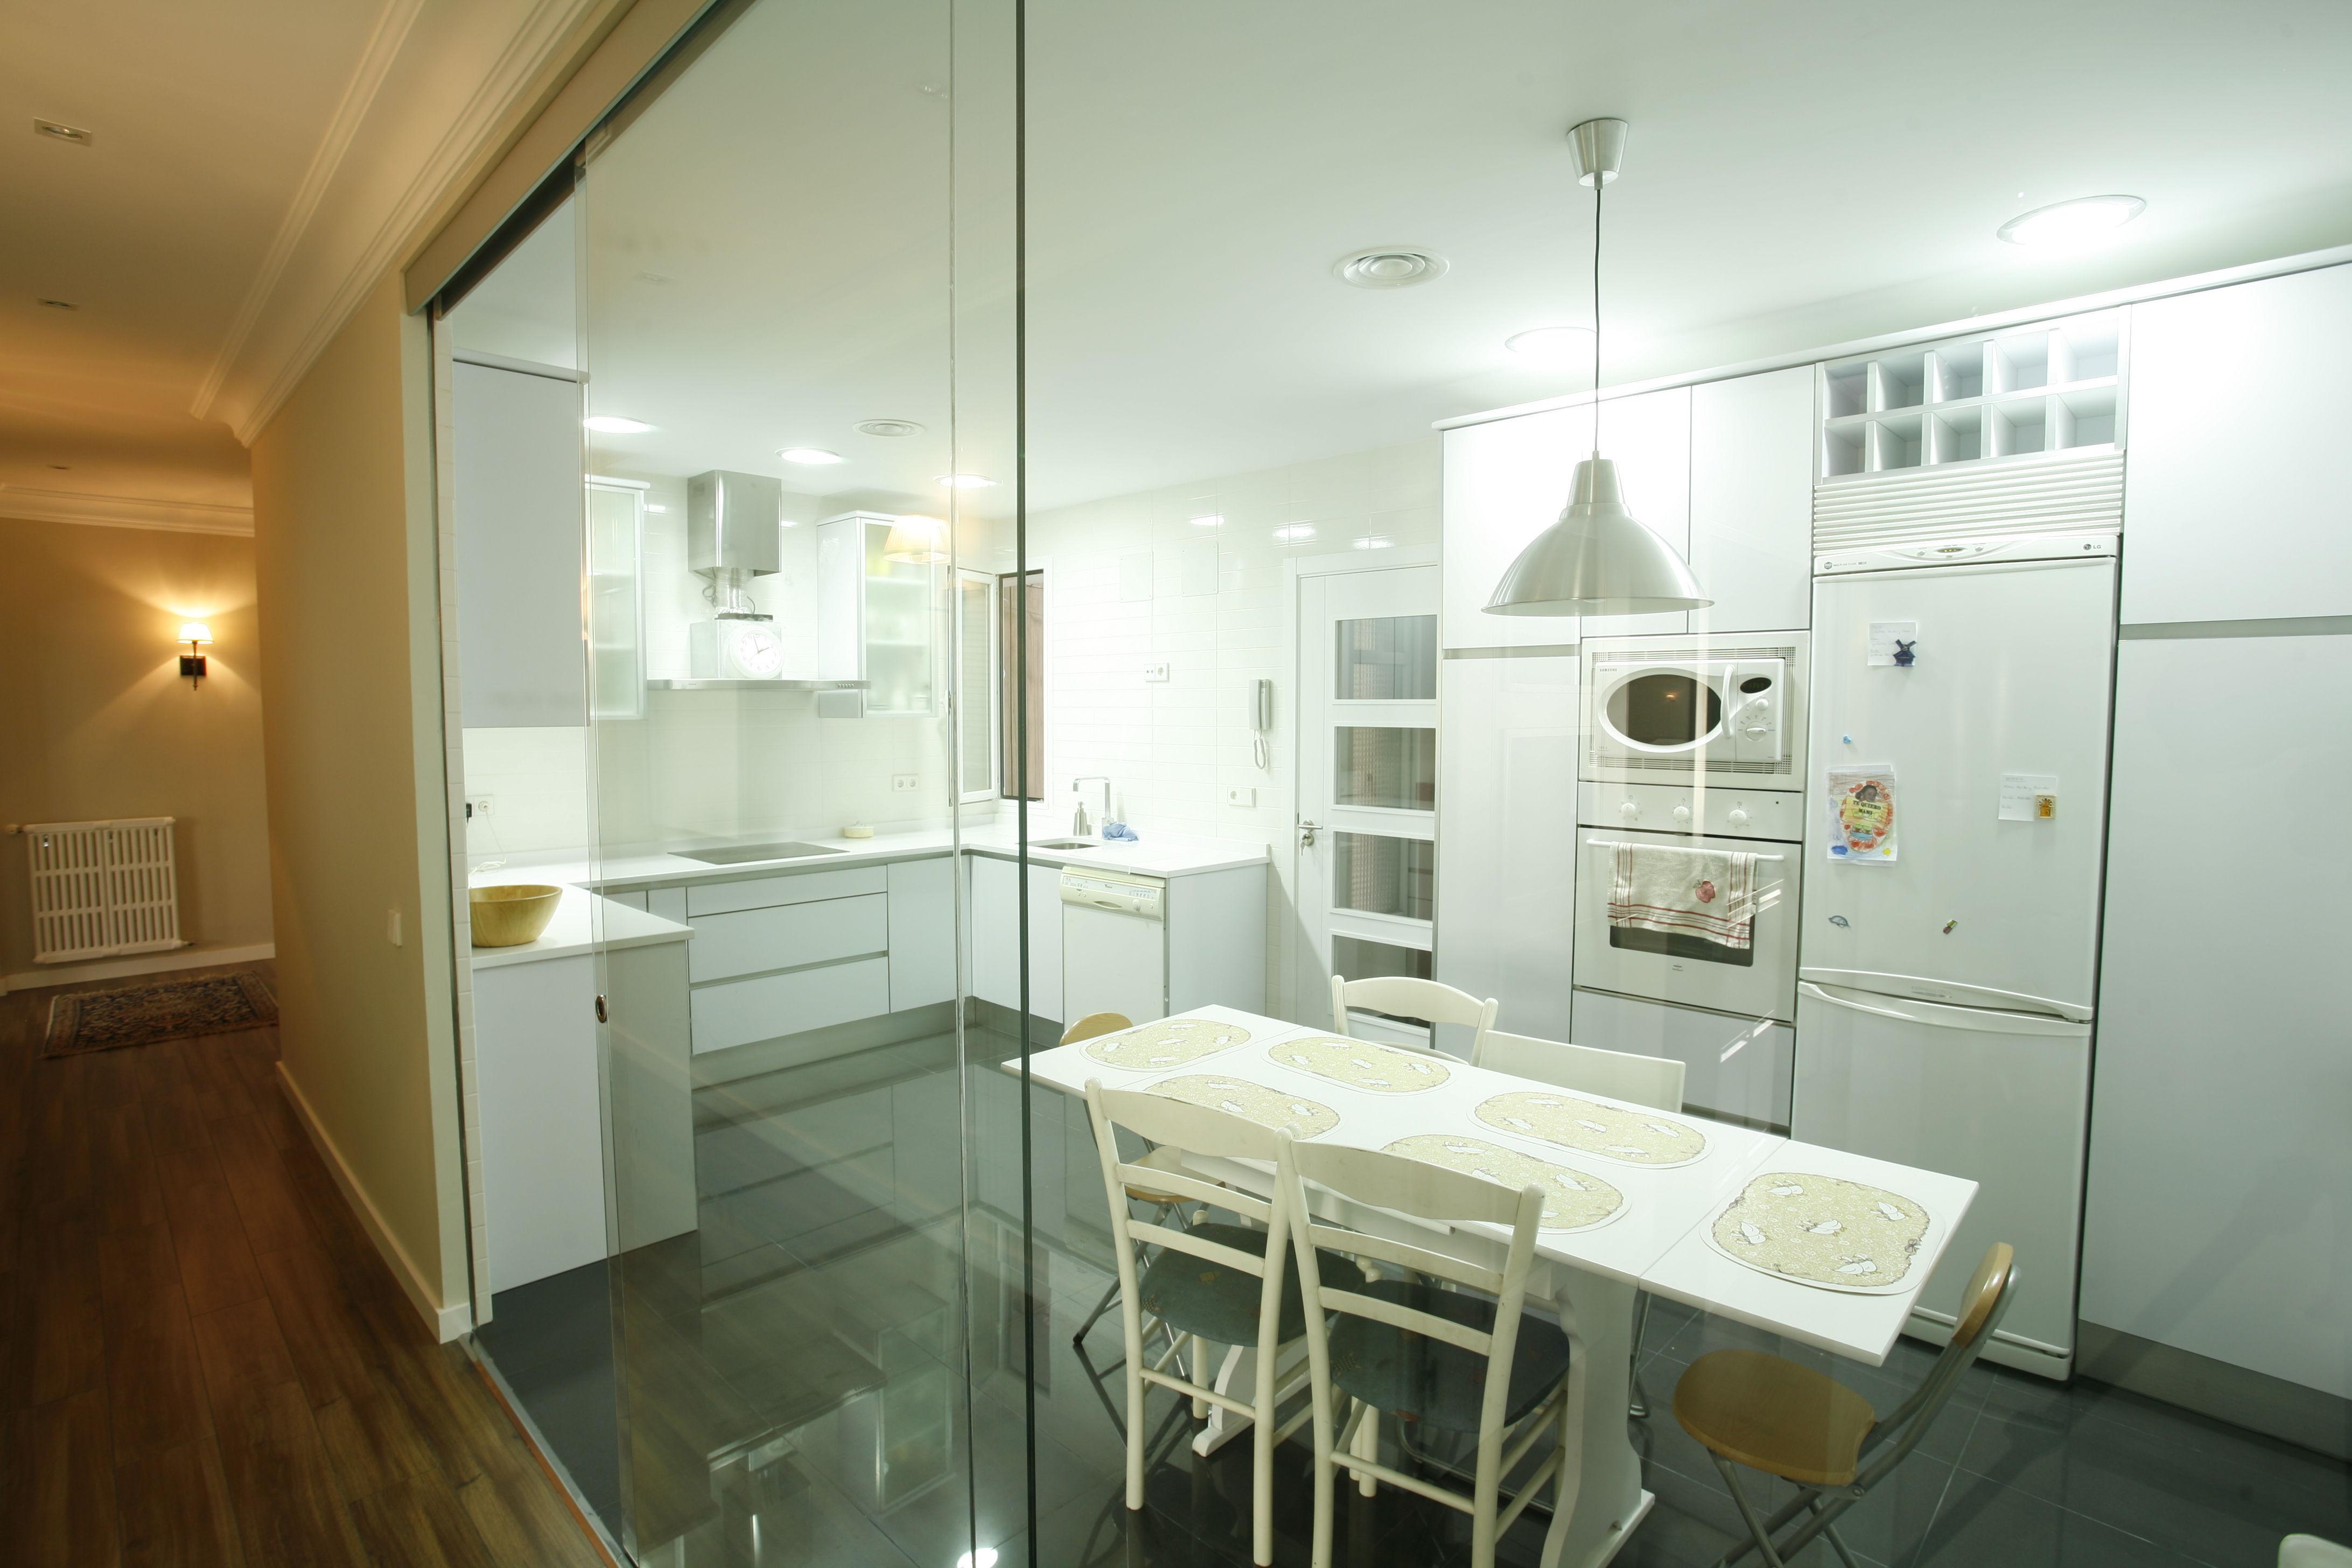 Puertas de cristal - Cristal para cocina ...